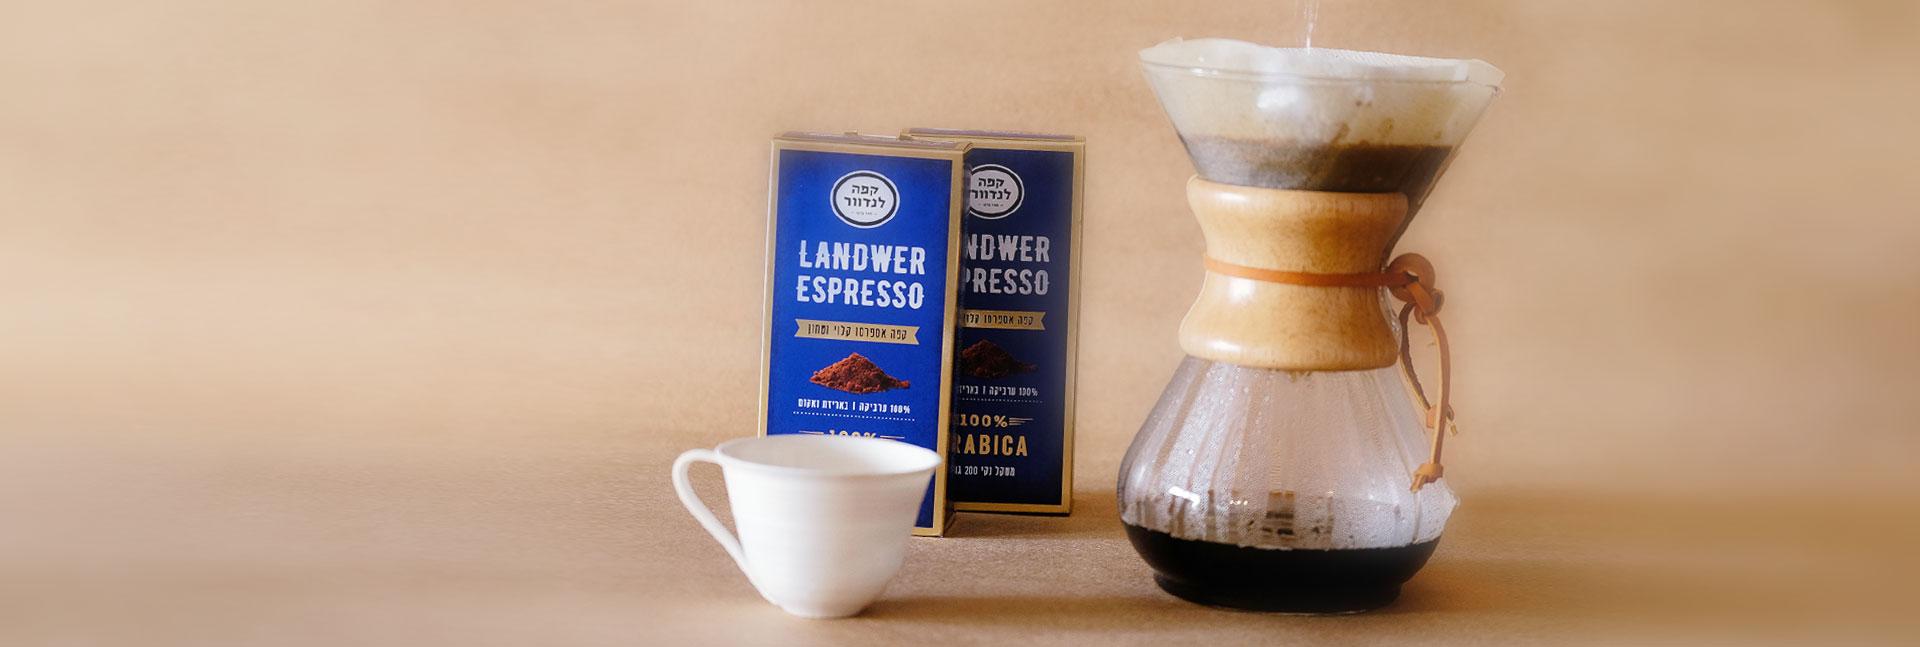 מכשירים להכנת קפה